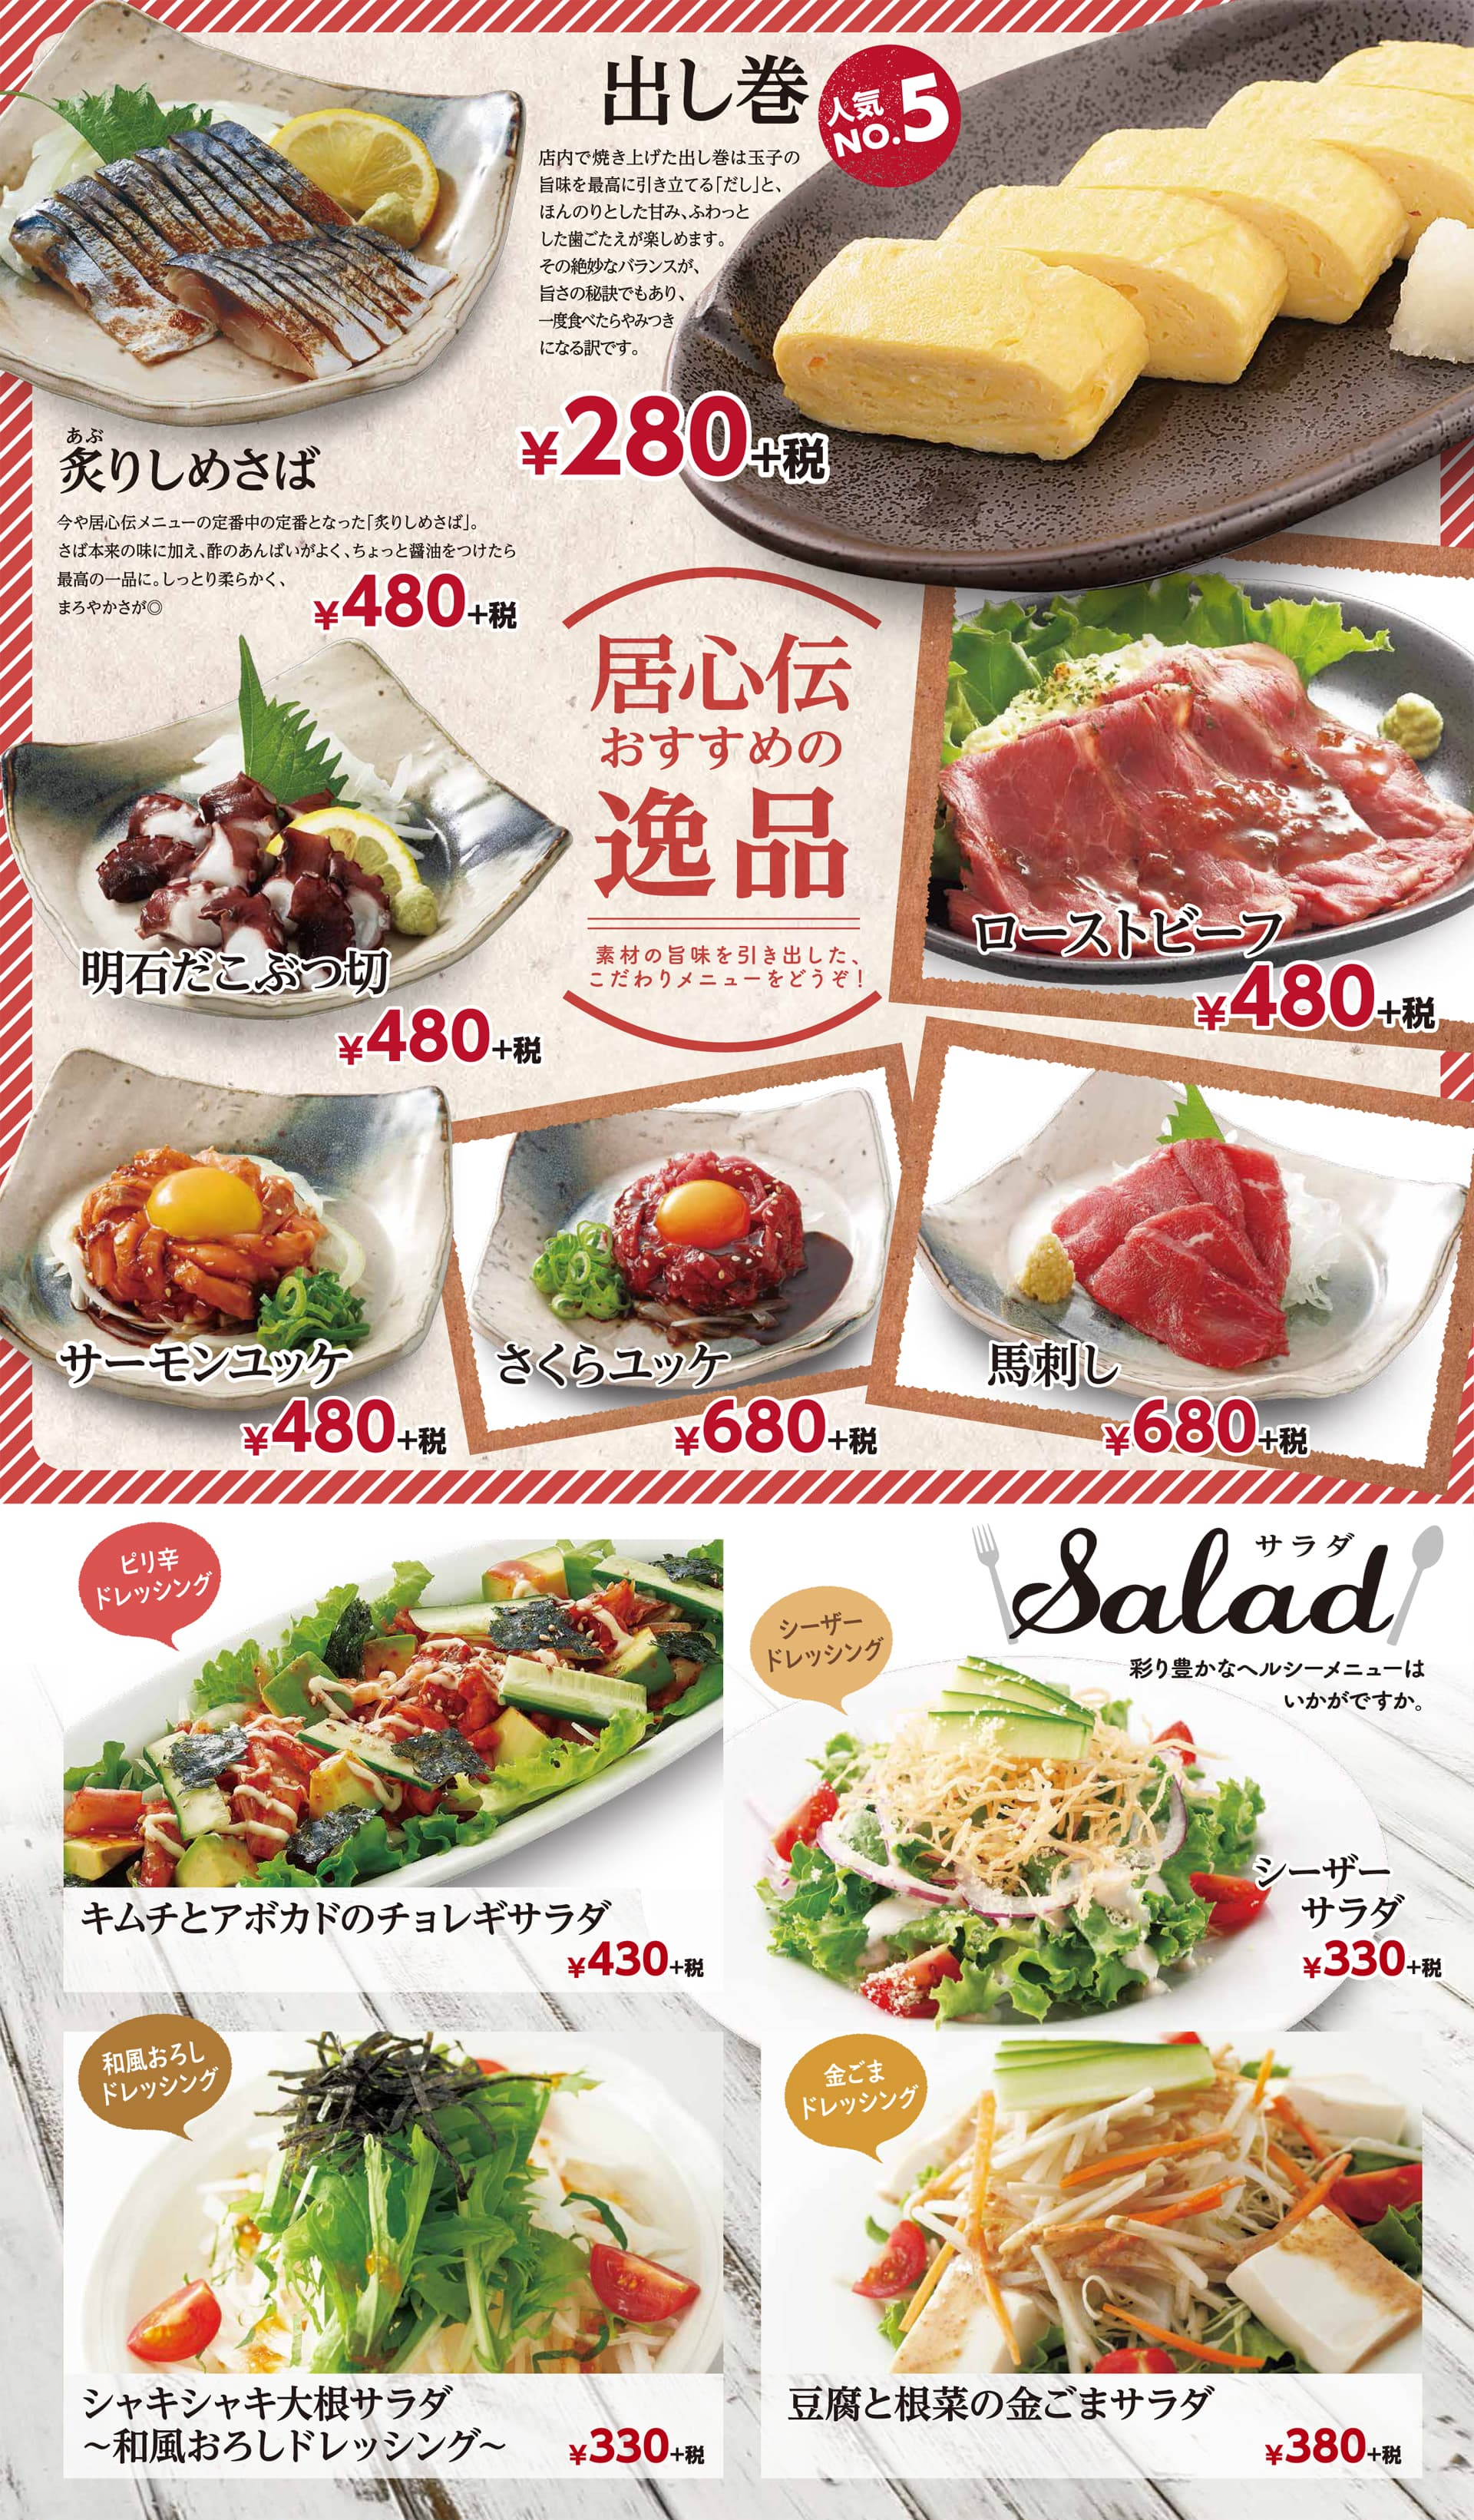 居心伝 逸品・サラダ